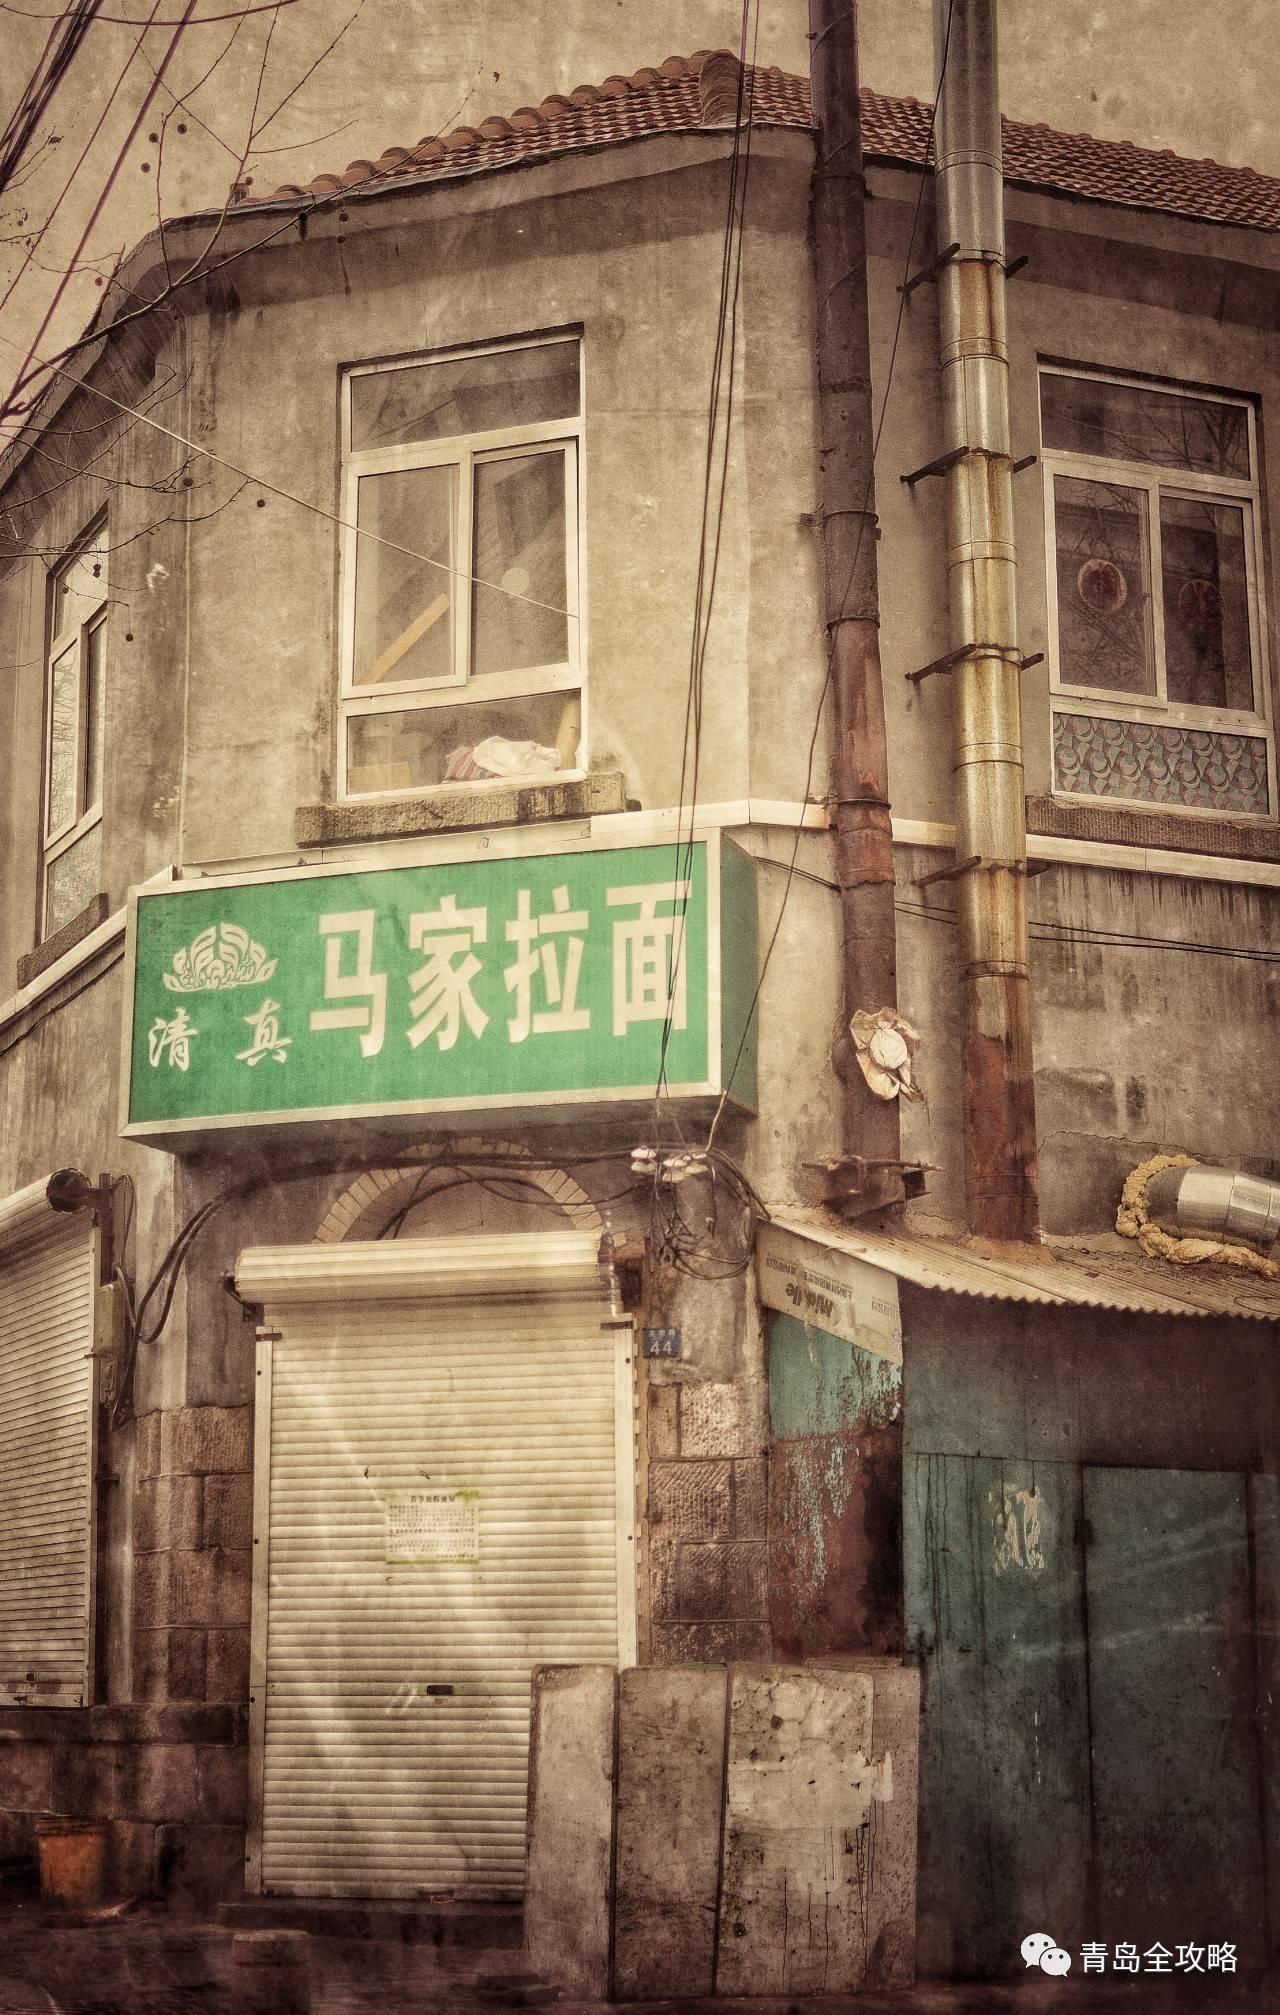 石老人边的 啤酒城 奠基     成立了 青岛海牛 足球队     在 四方路